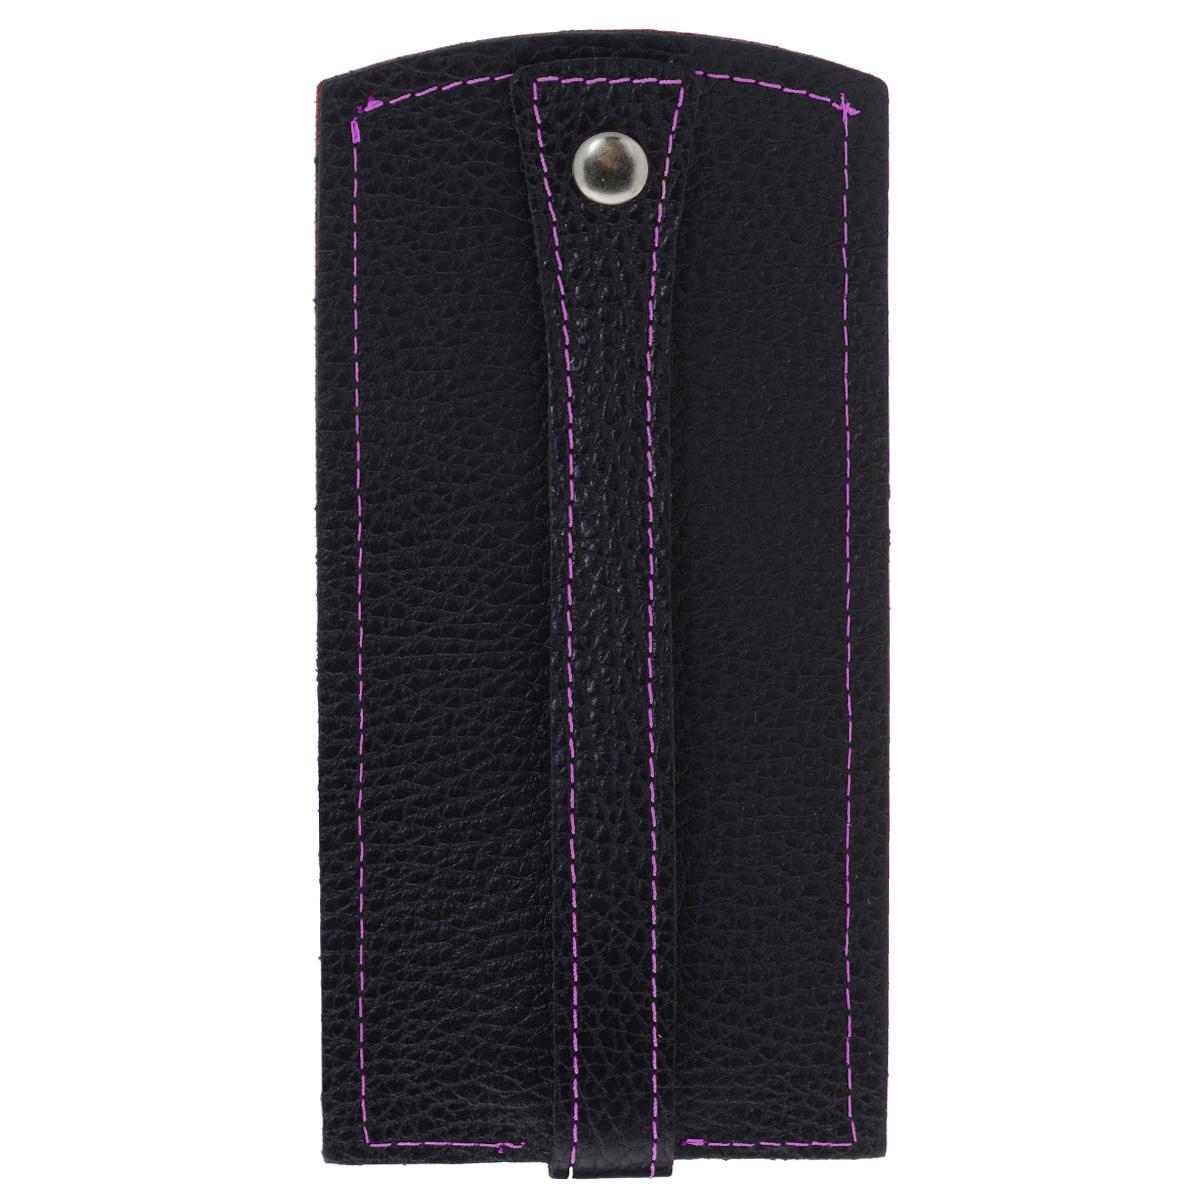 Ключница Dimanche Mumi, цвет: черный, фиолетовый. 056Серьги с подвескамиИзысканная ключница Dimanche Mumi изготовлена из высококачественной натуральной кожи и декорирована фактурным тиснением. Изделие закрывается хлястиком на кнопку. На нижнем конце хлястика расположено металлическое кольцо для крепления ключей.Ключница упакована в пластиковый чехол.Модная ключница прекрасно дополнит ваш образ и станет незаменимым аксессуаром на каждый день.